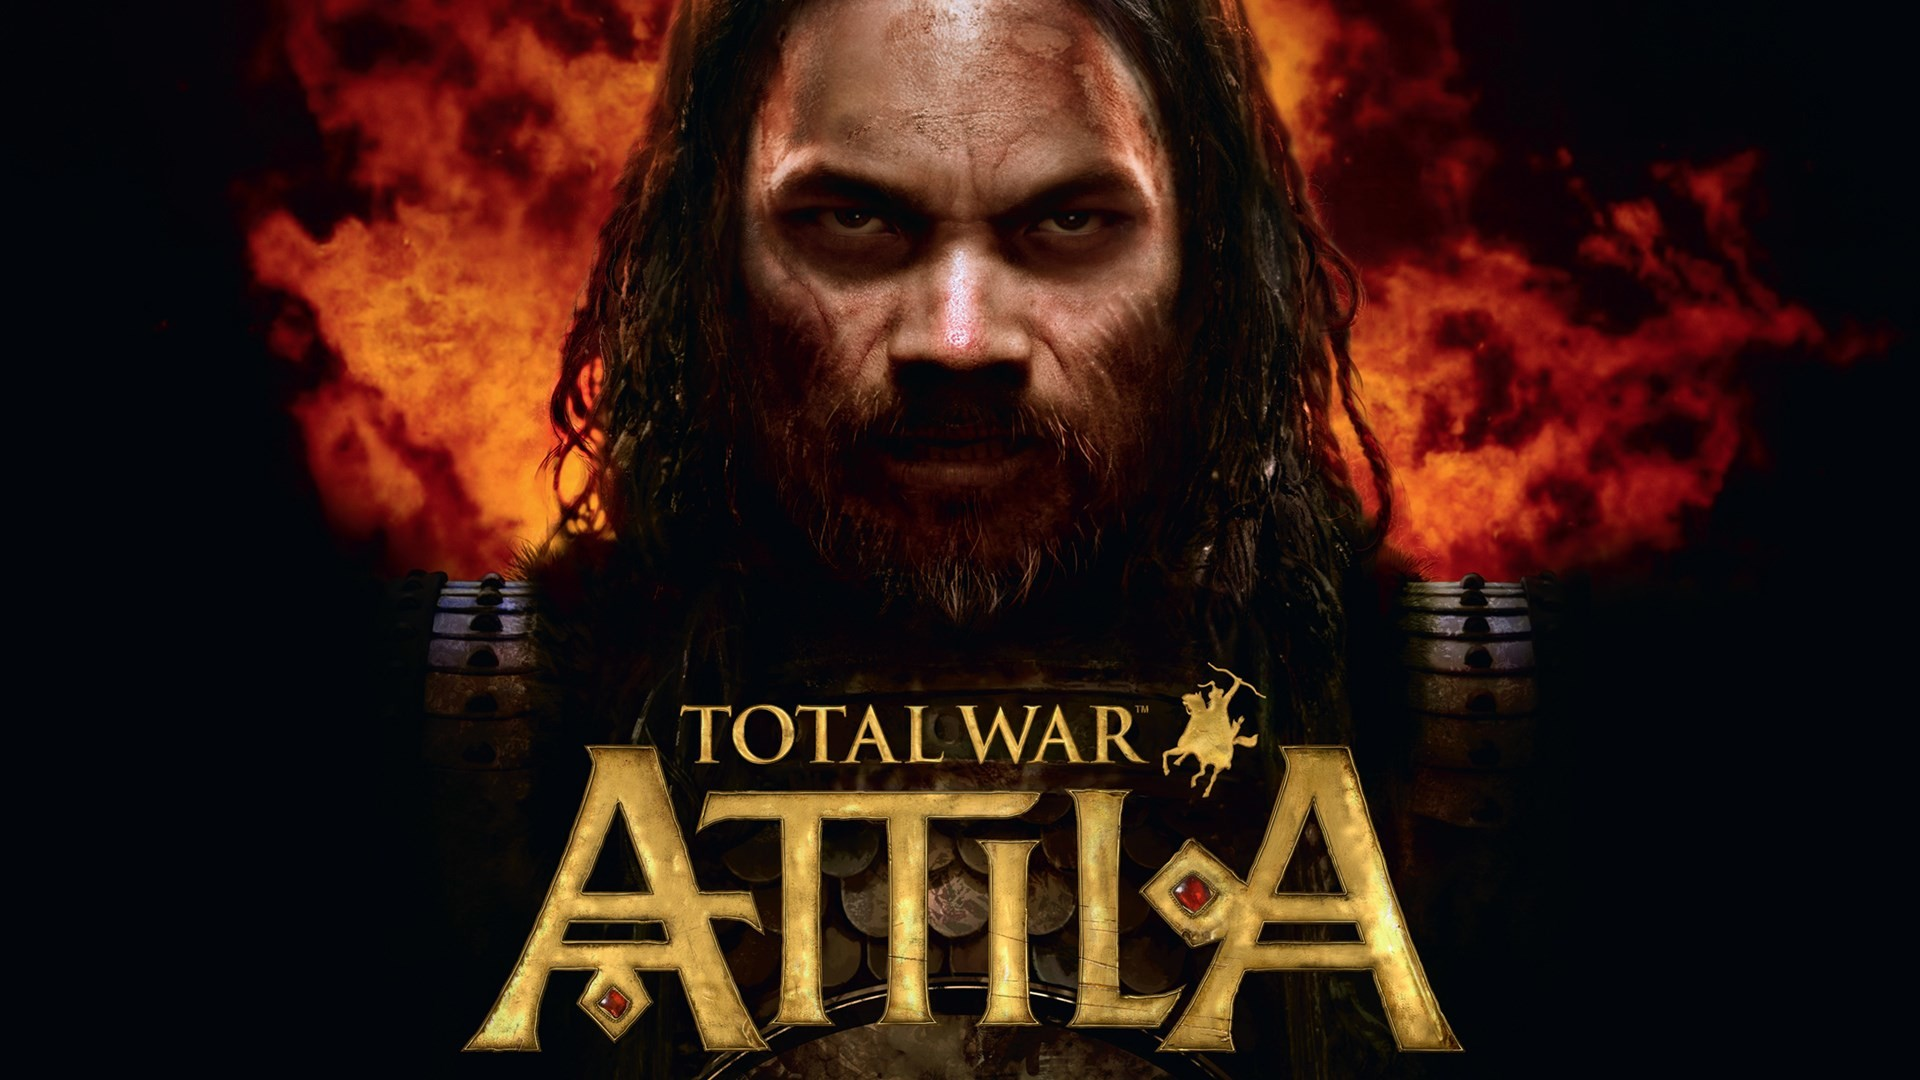 Total War: Attila wallpaper: images, walls, pics (Custer Round 1920×1080)